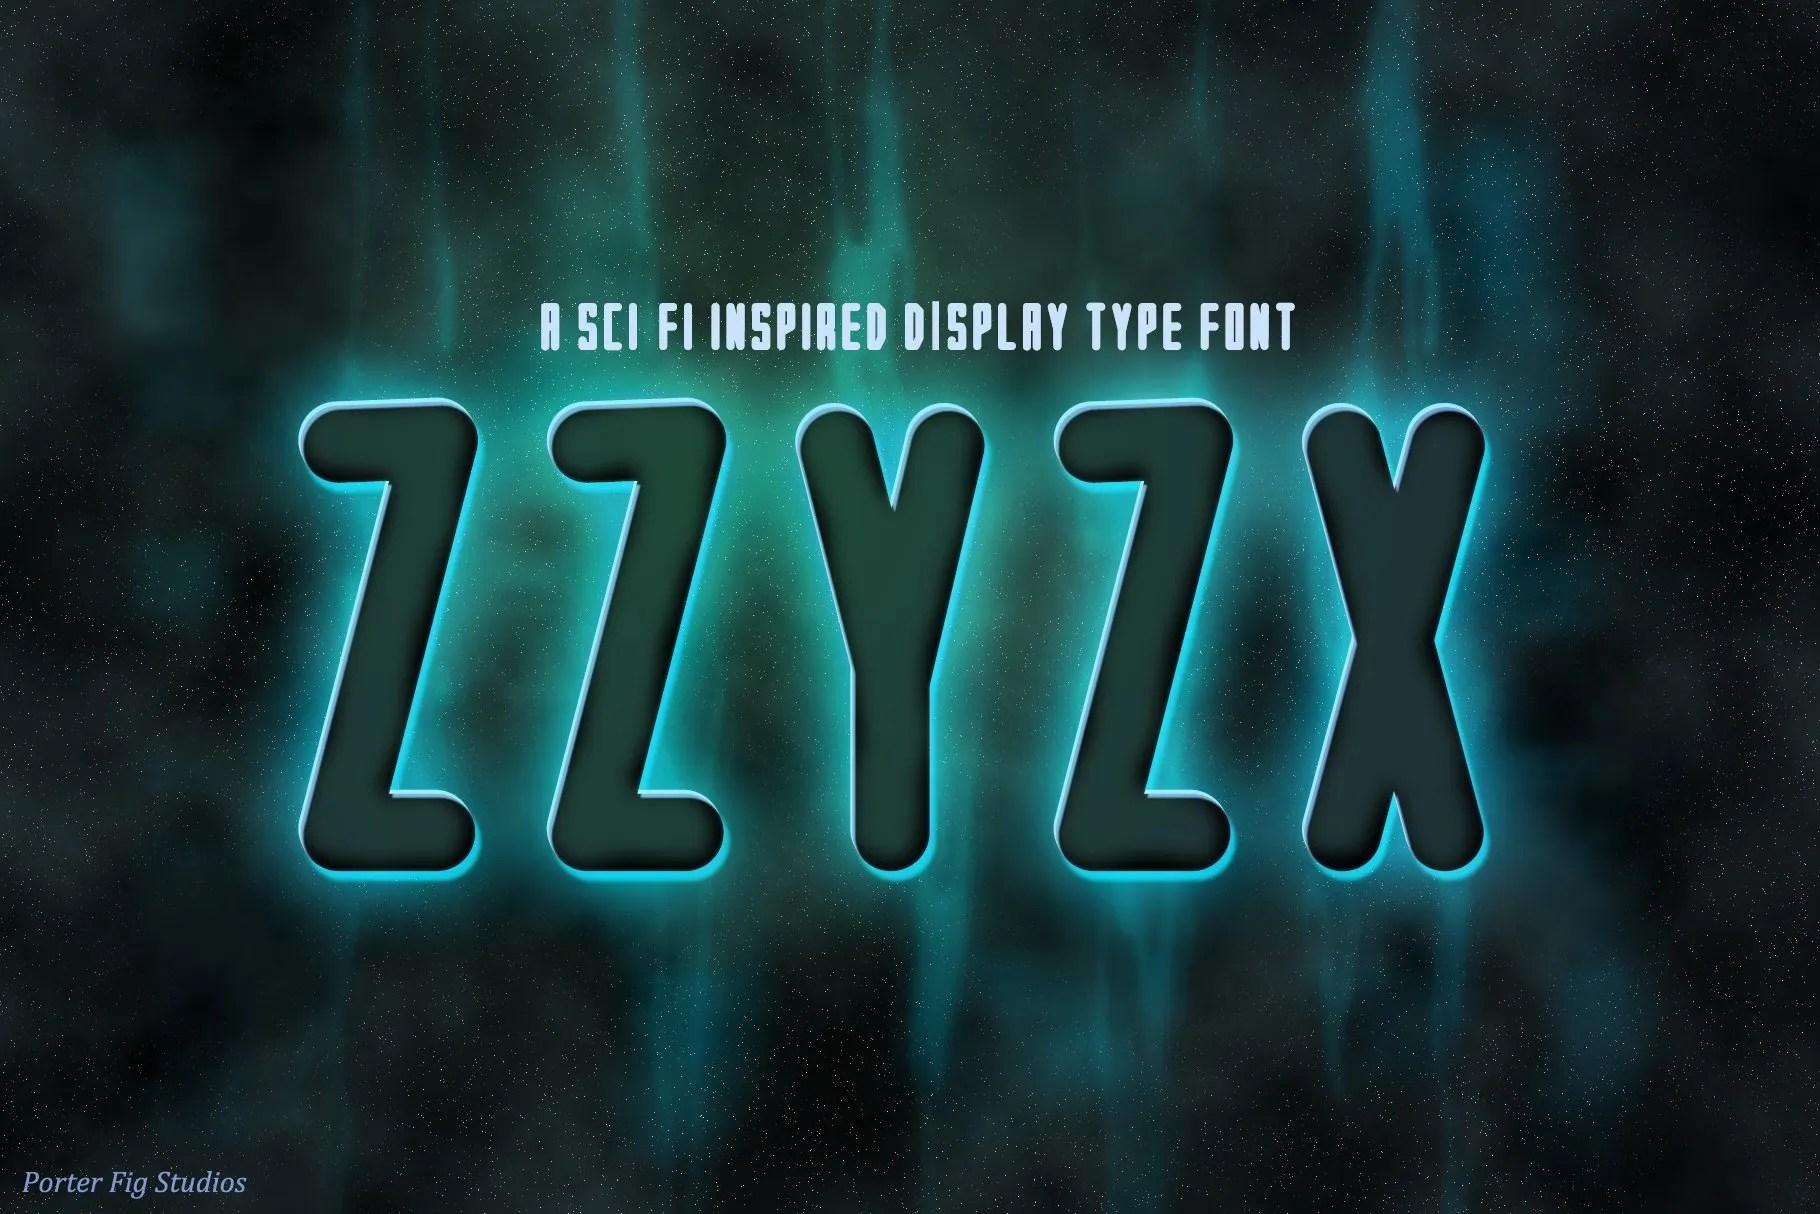 ZZyZx sci-fi font by Porter Fig Studios